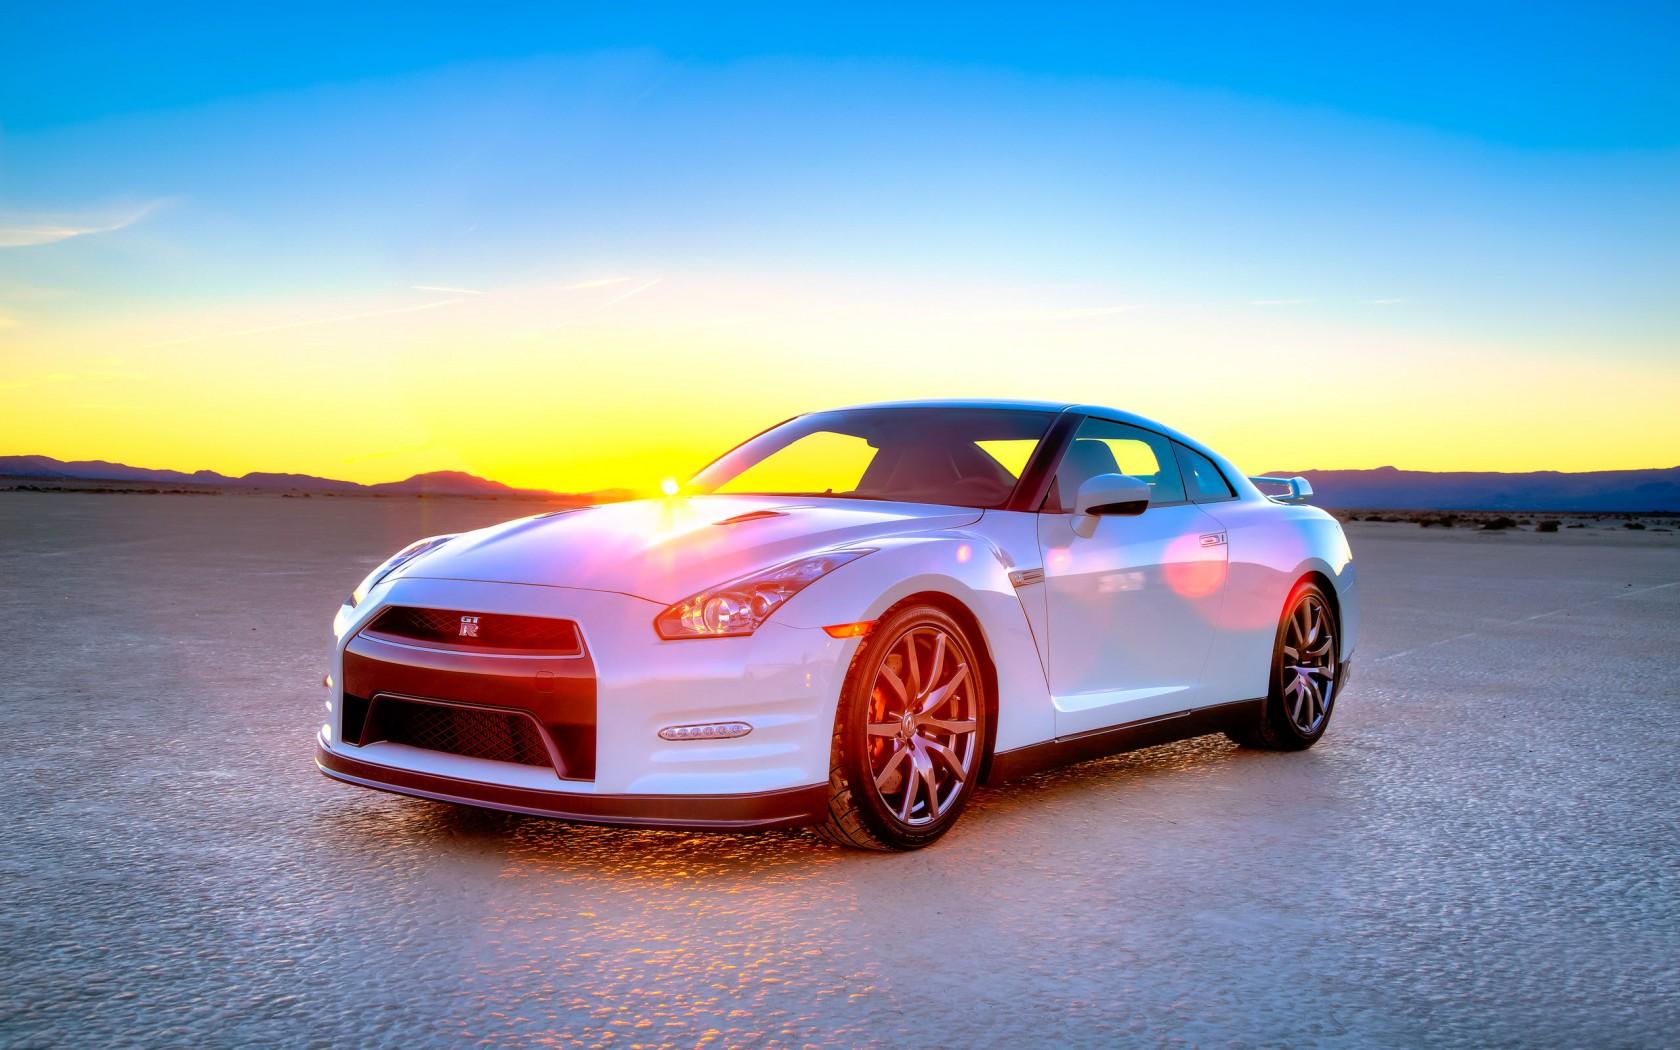 2014 Nissan GT R Wallpaper | HD Car Wallpapers | ID #3233